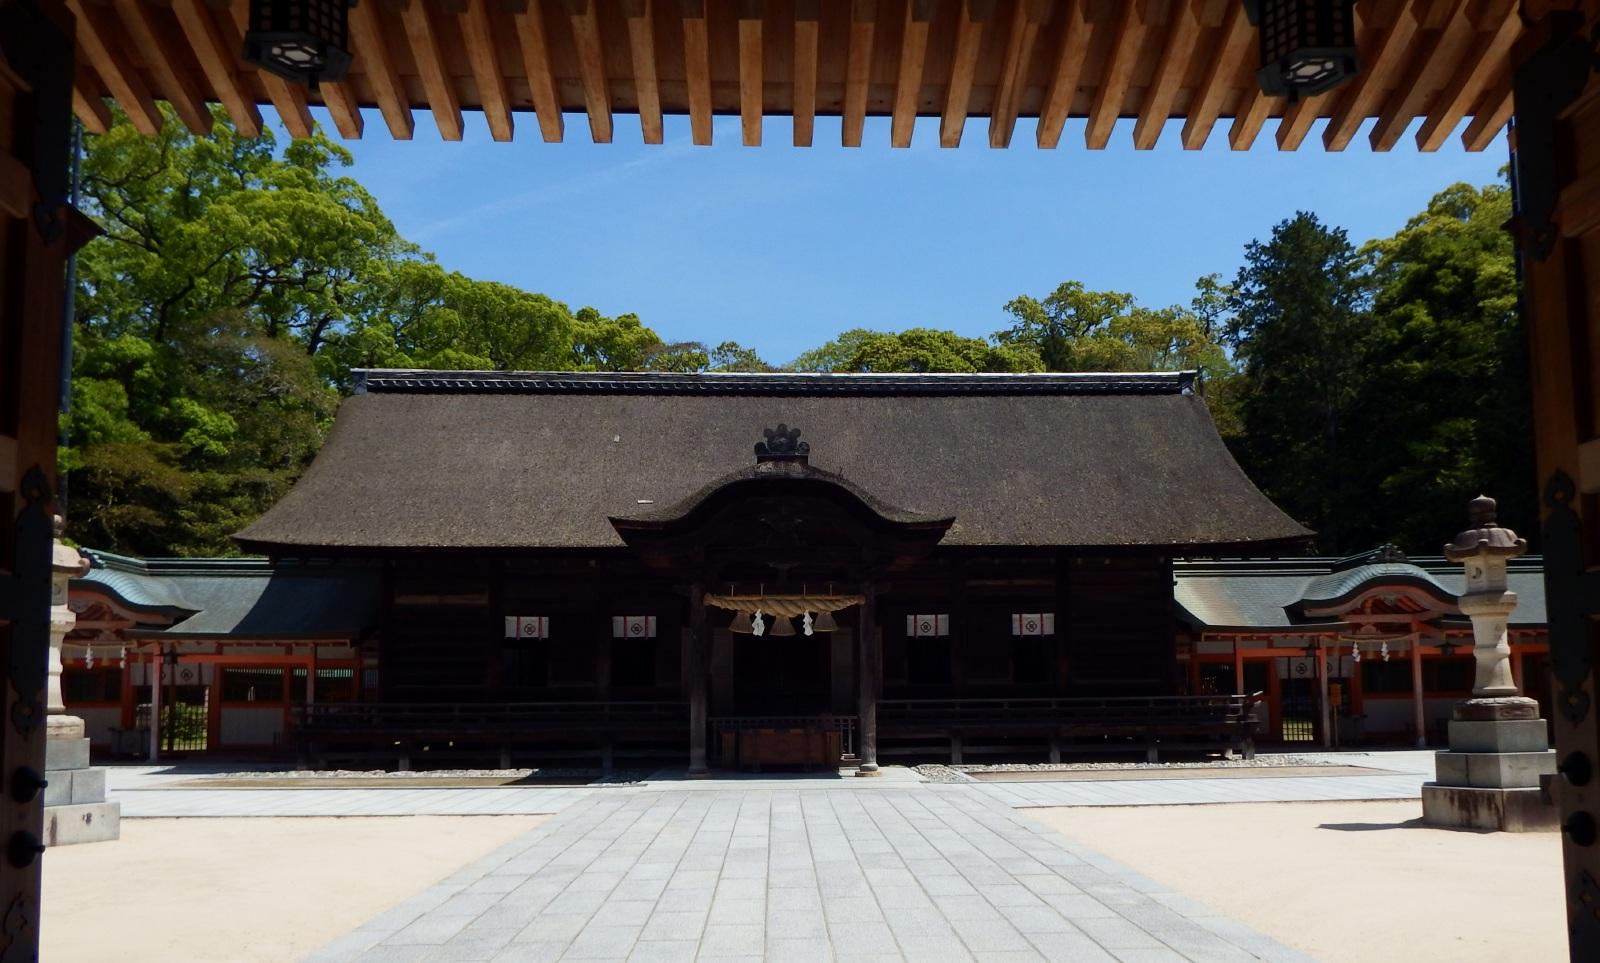 Oomisima20210427 1.jpg